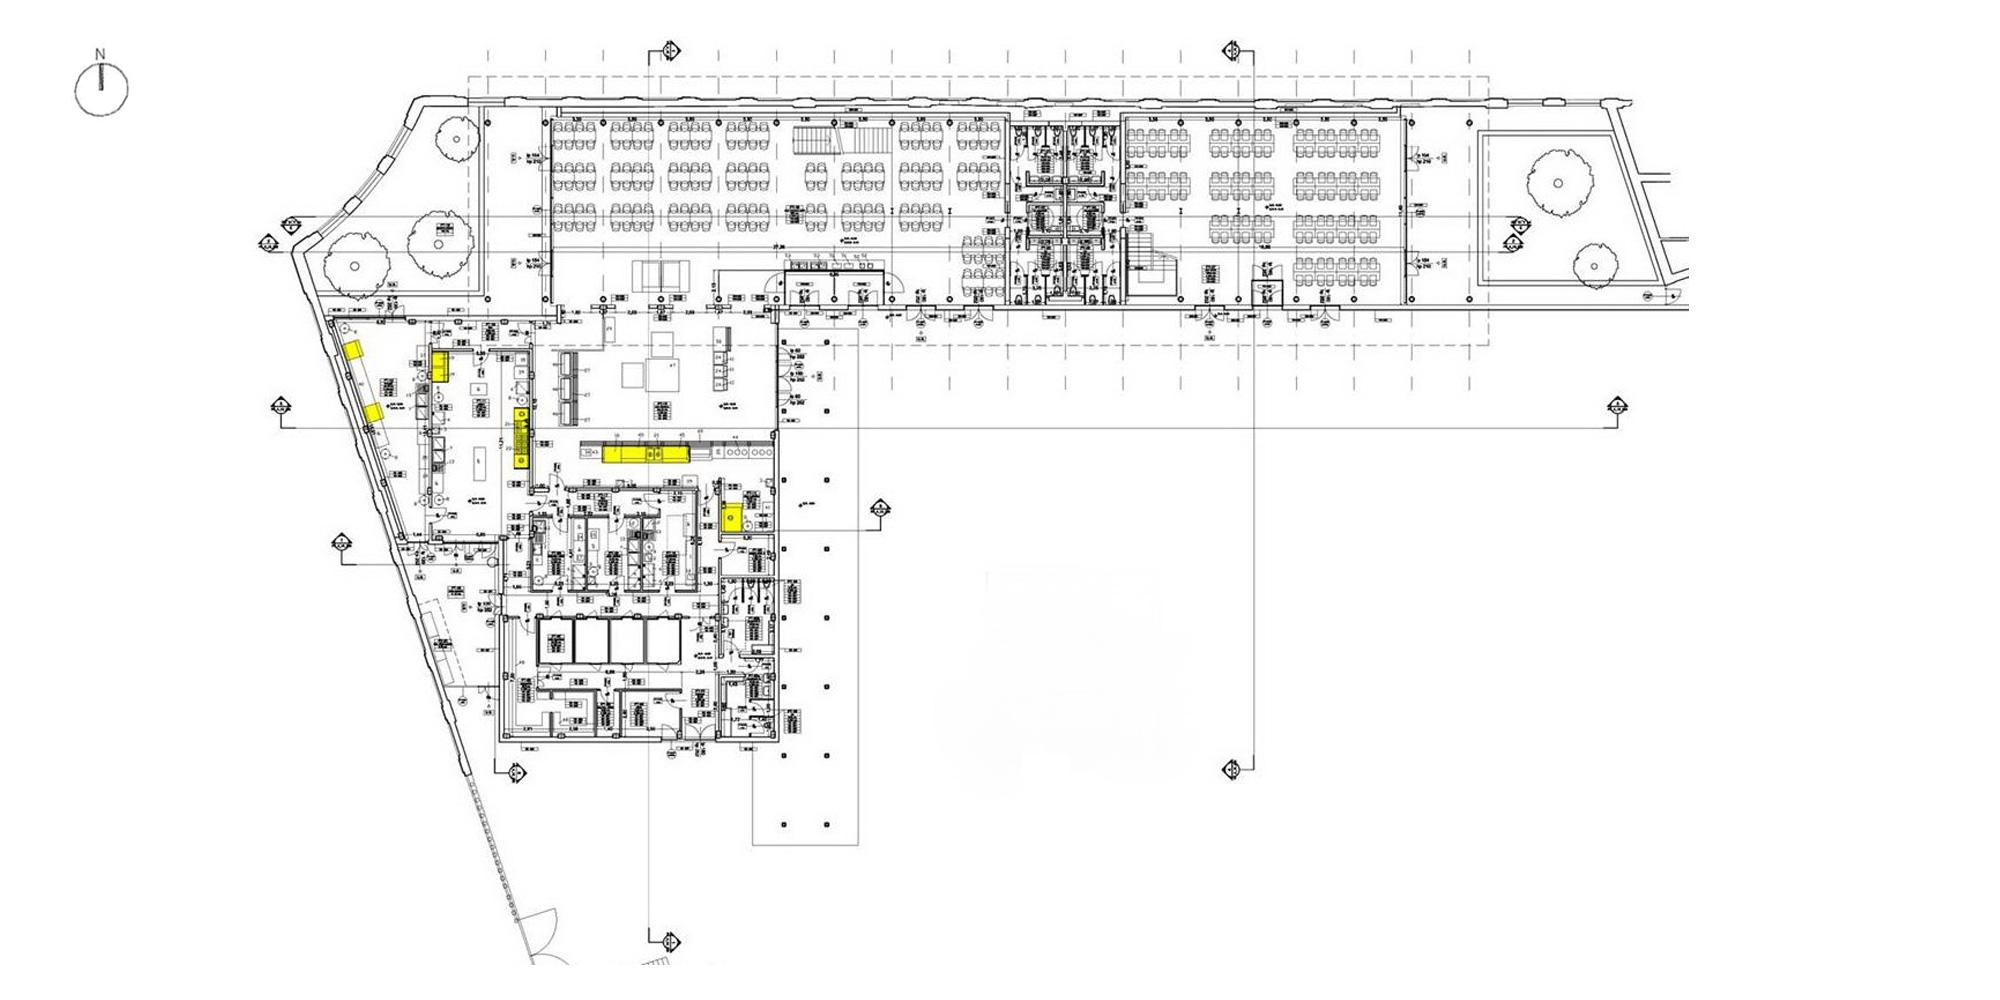 pianta piano terra edificio h © ODB - LRA